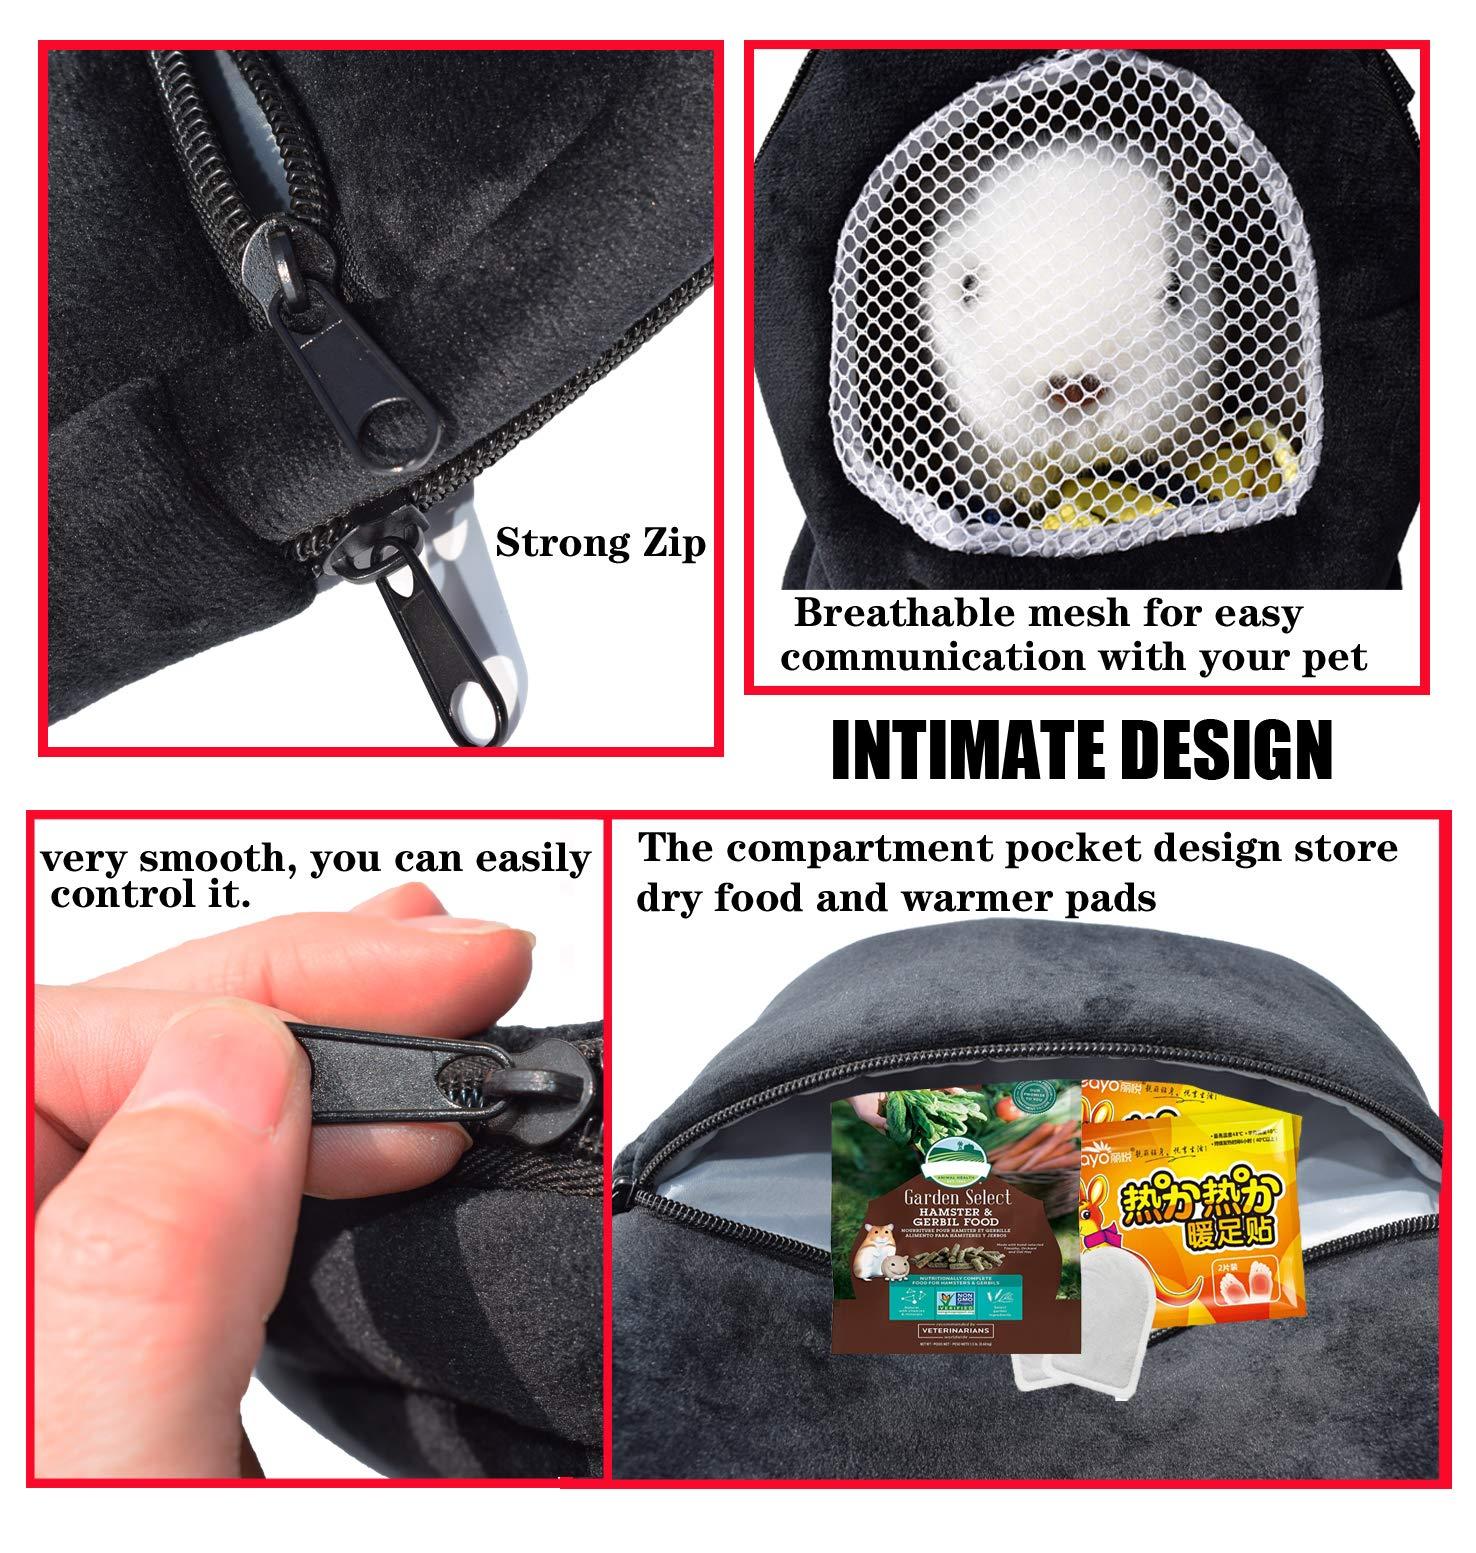 Pet Carrier Bag, 2020 Upgraded Hamster Carrier Super Soft Coral Fleece Pet Sling Carrier Portable Outgoing Travel Bag with Adjustable Shoulder Strap and Breathable Mesh for Sugar Glider Squirrel Etc